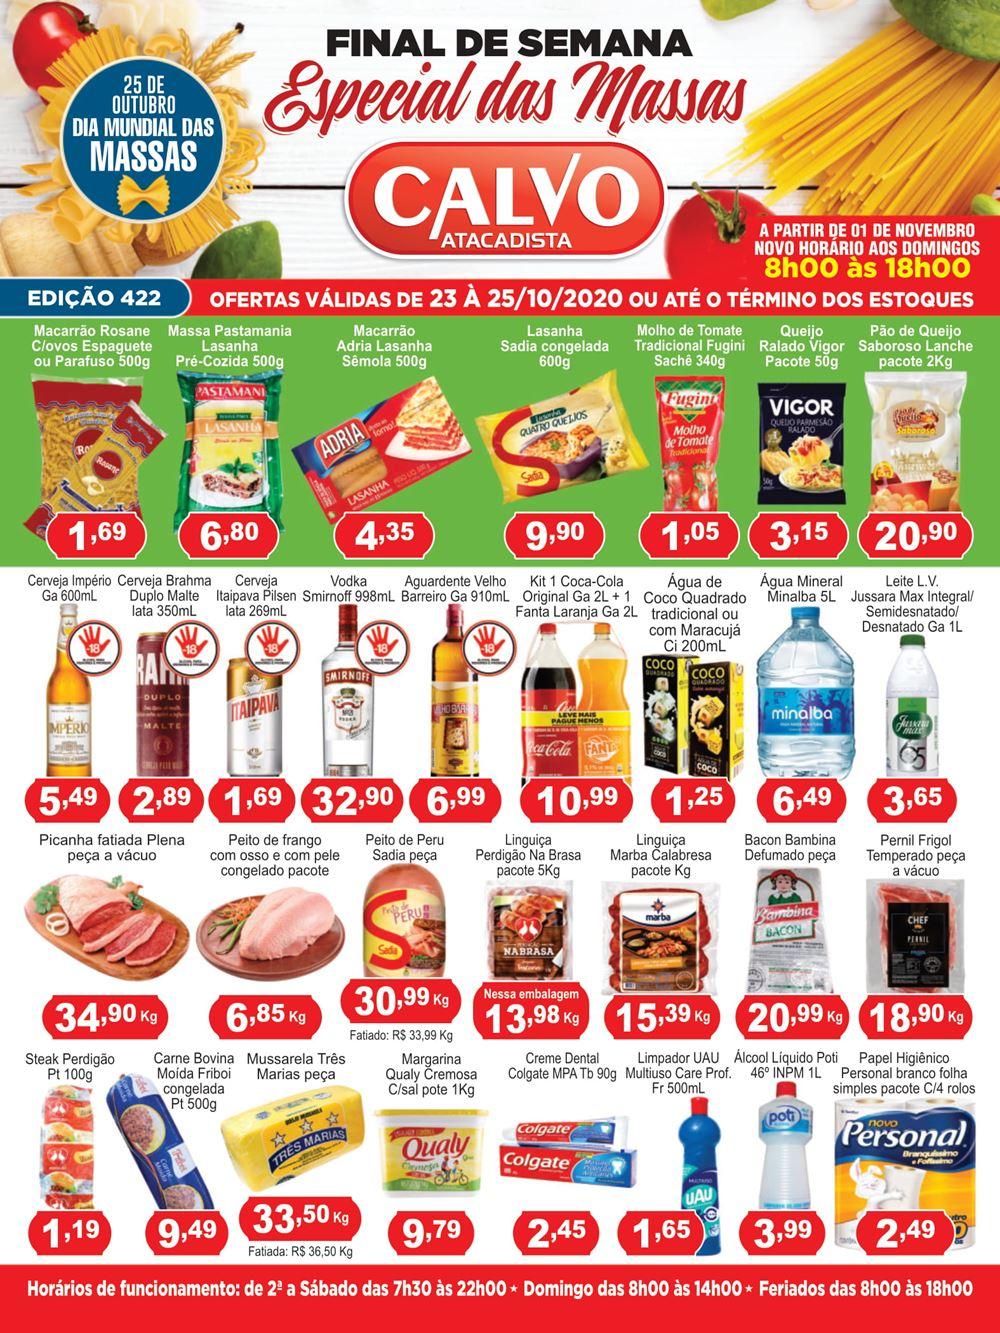 calvo-ofertas-descontos-hoje1-13 Ofertas de supermercados - Economize